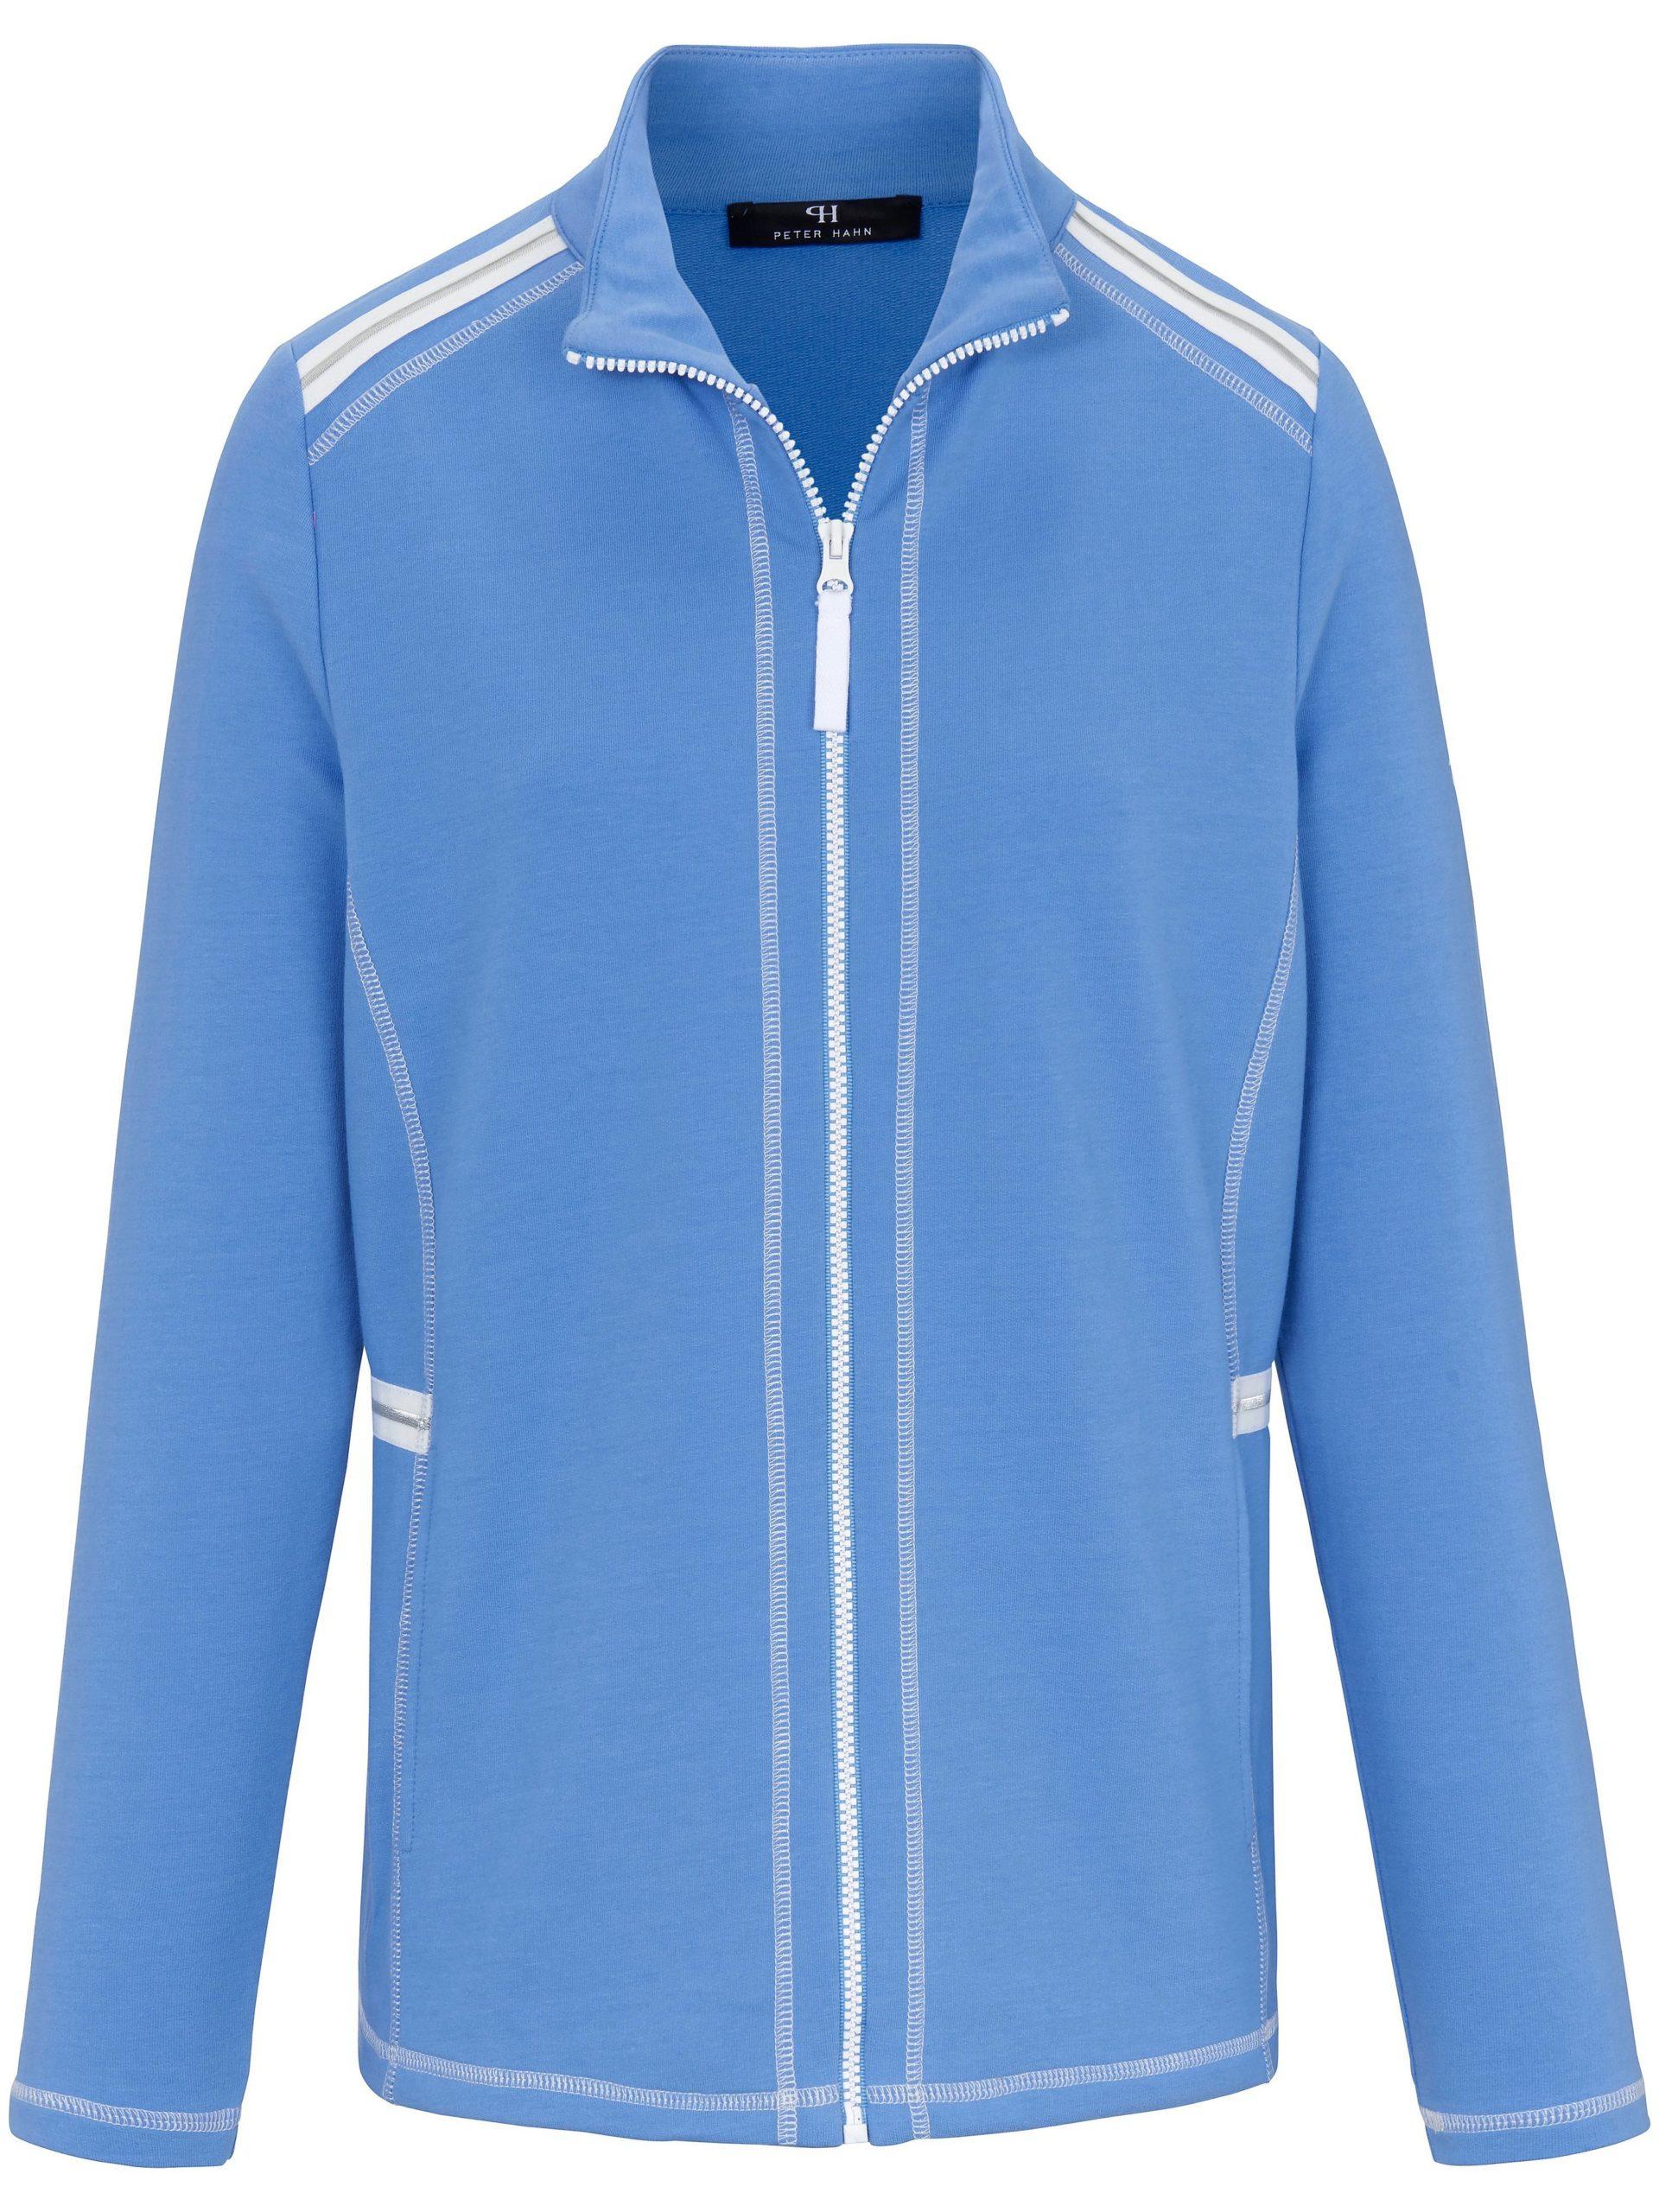 Jasje in sweatkwaliteit met staande kraag Van Peter Hahn blauw Kopen